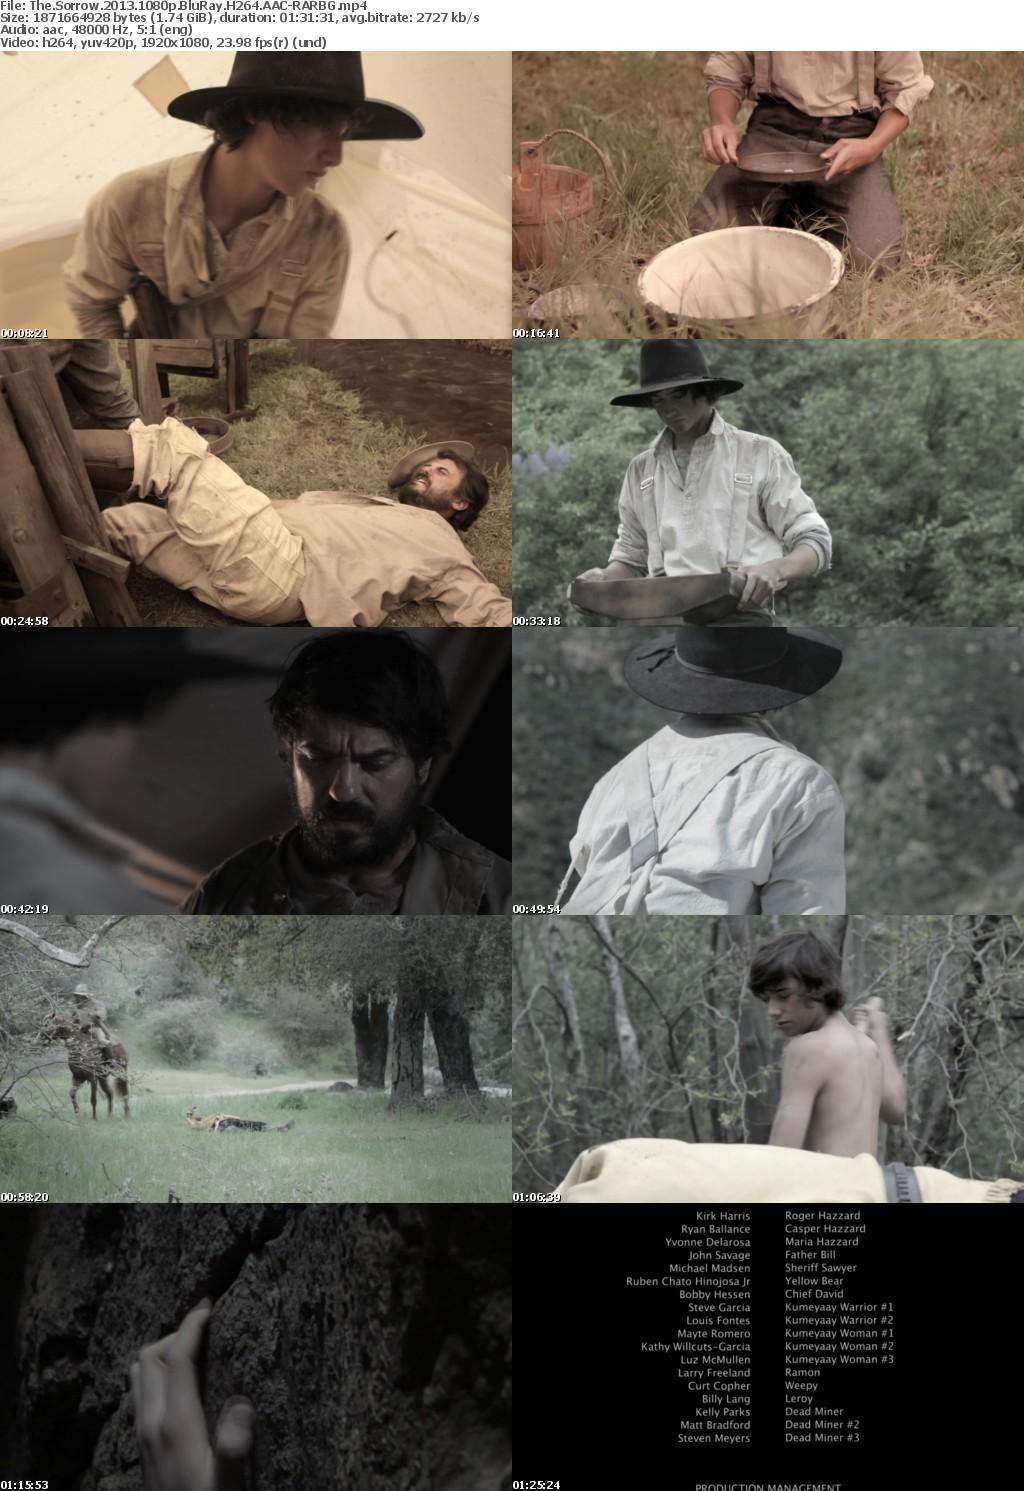 The Sorrow (2013) 1080p BluRay H264 AAC-RARBG